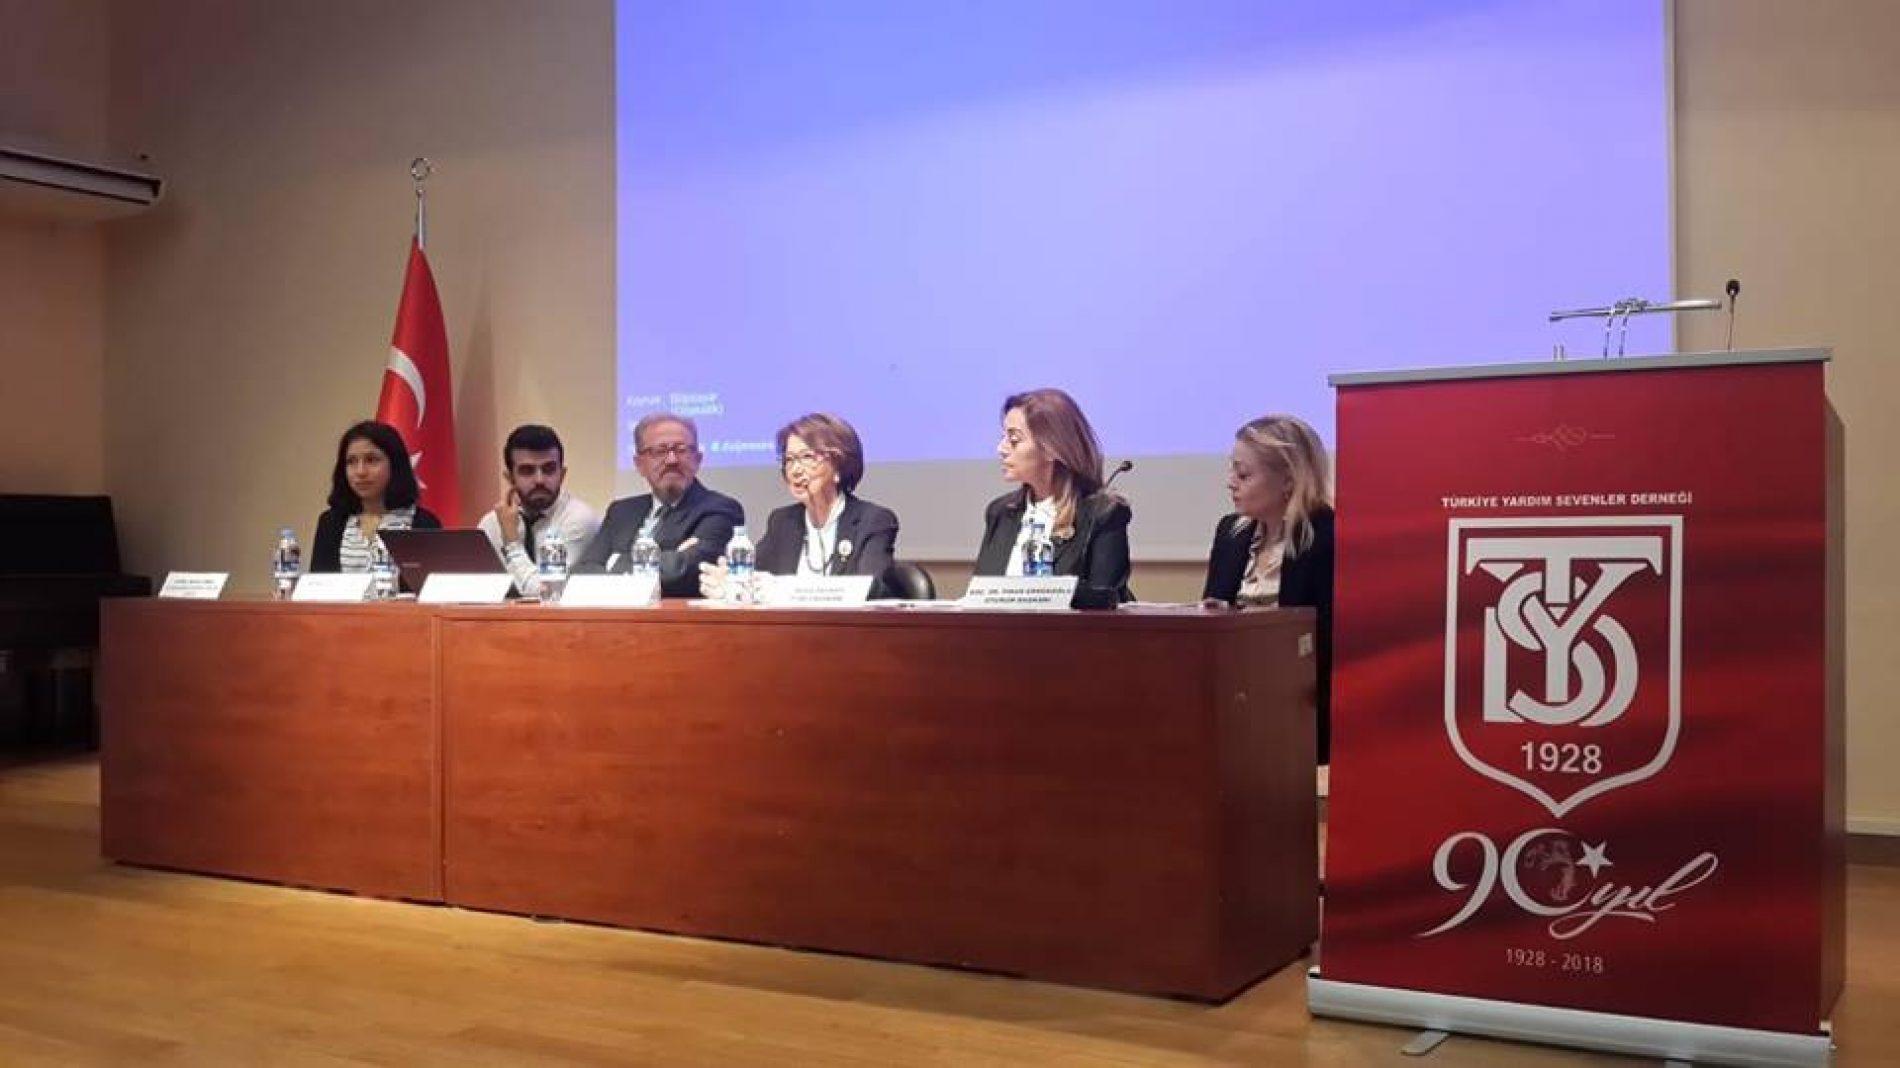 'Cumhuriyet'in Kuruluşundan Bugüne TYSD  ve Gençliğin Gönüllülüğe Bakışı' Konulu Panel